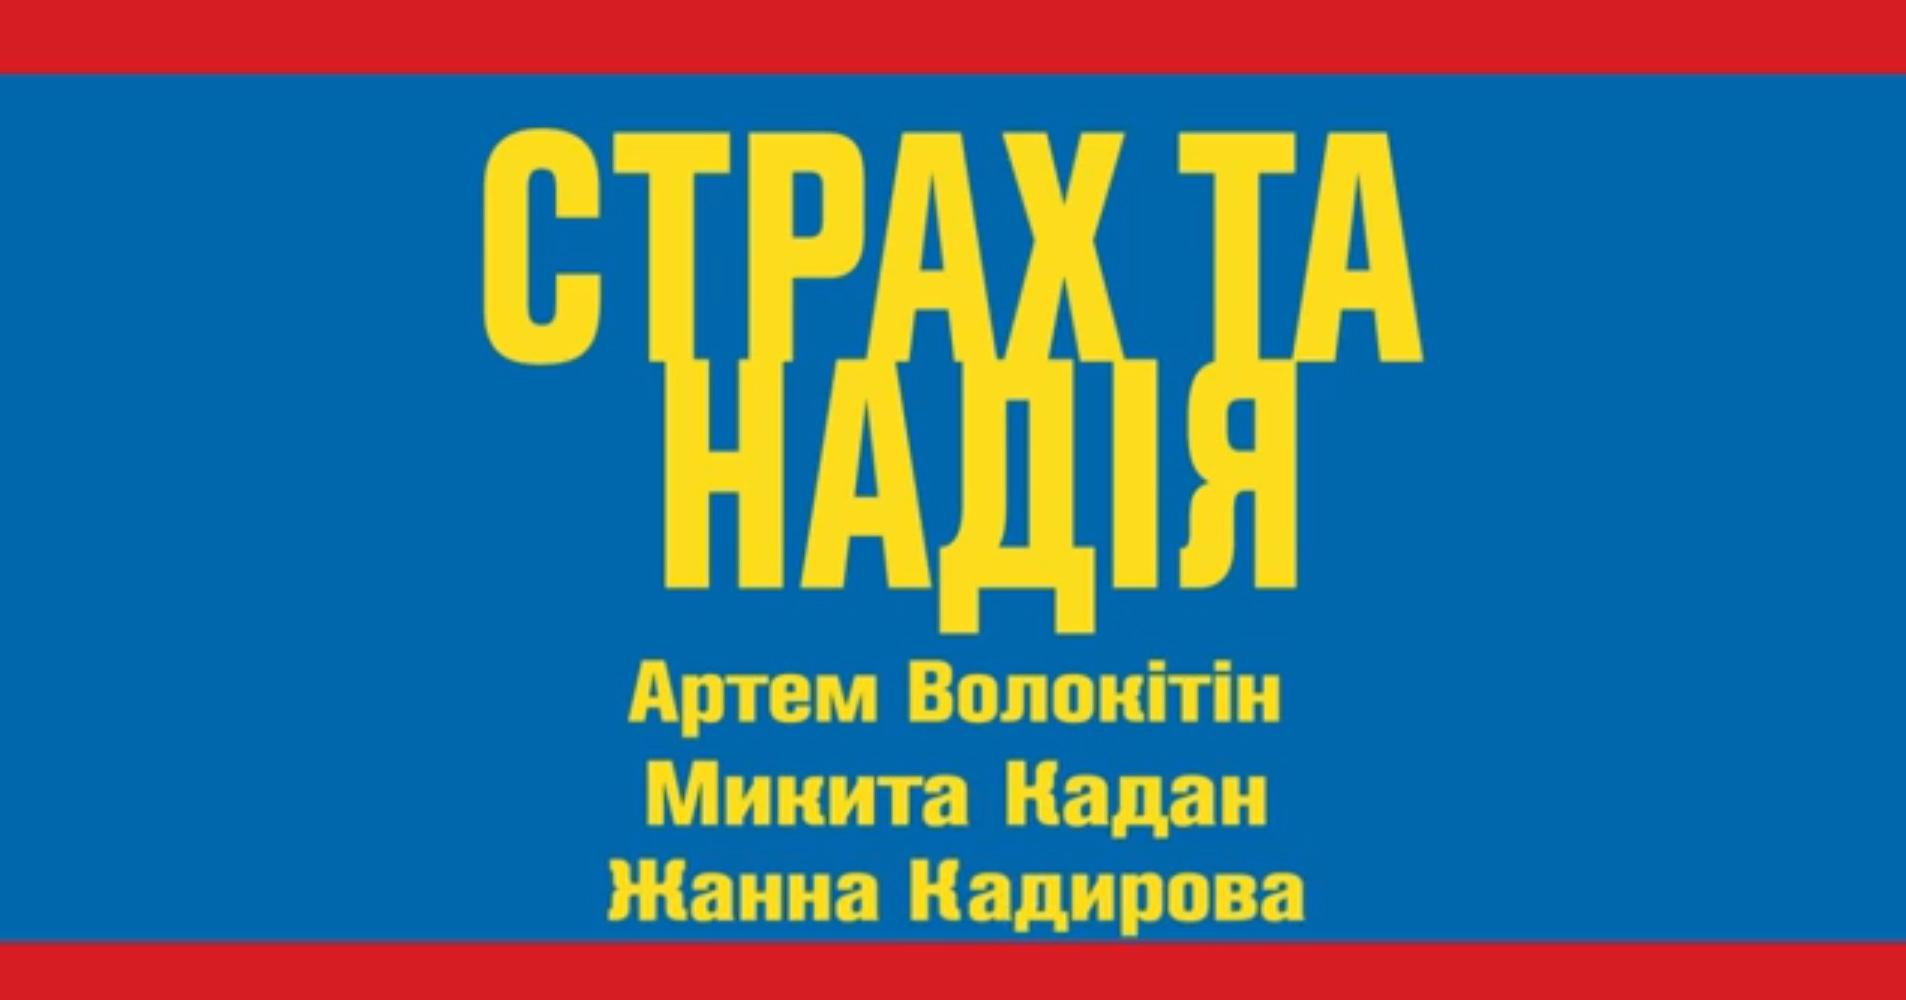 Прайс-лист | Дзержинская районная газета